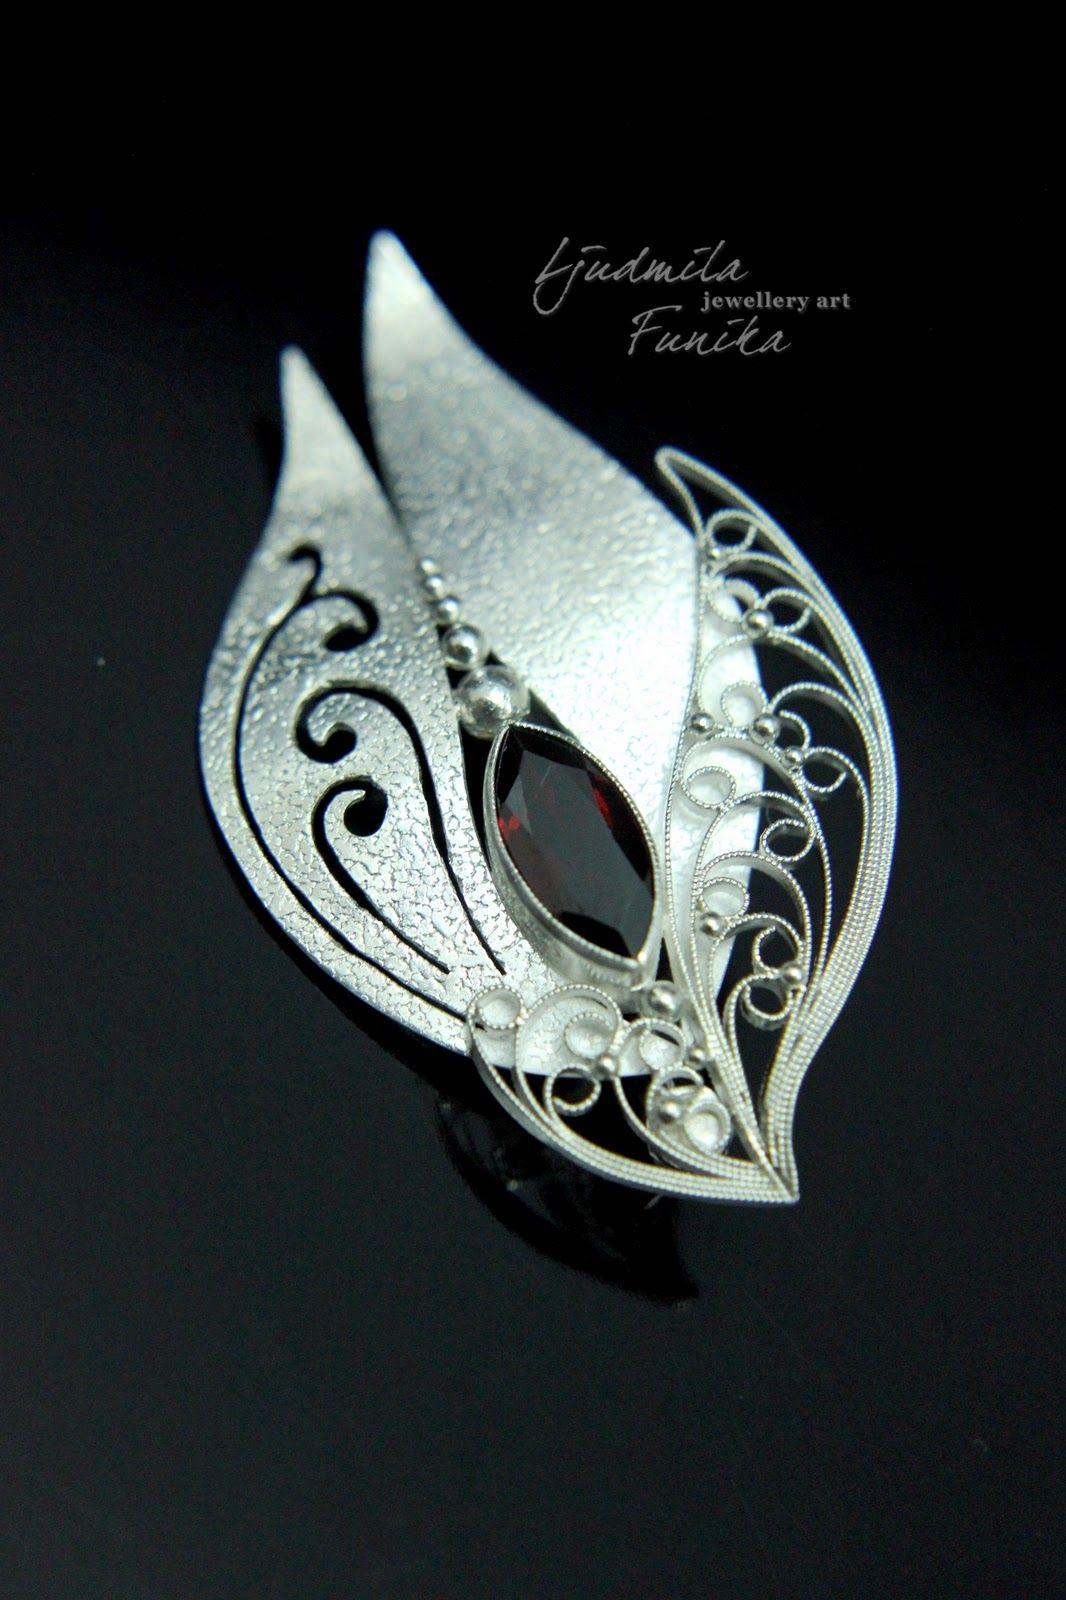 Ljudmila Funika Jewellery Art: Ehe Aasta Naisele 2011